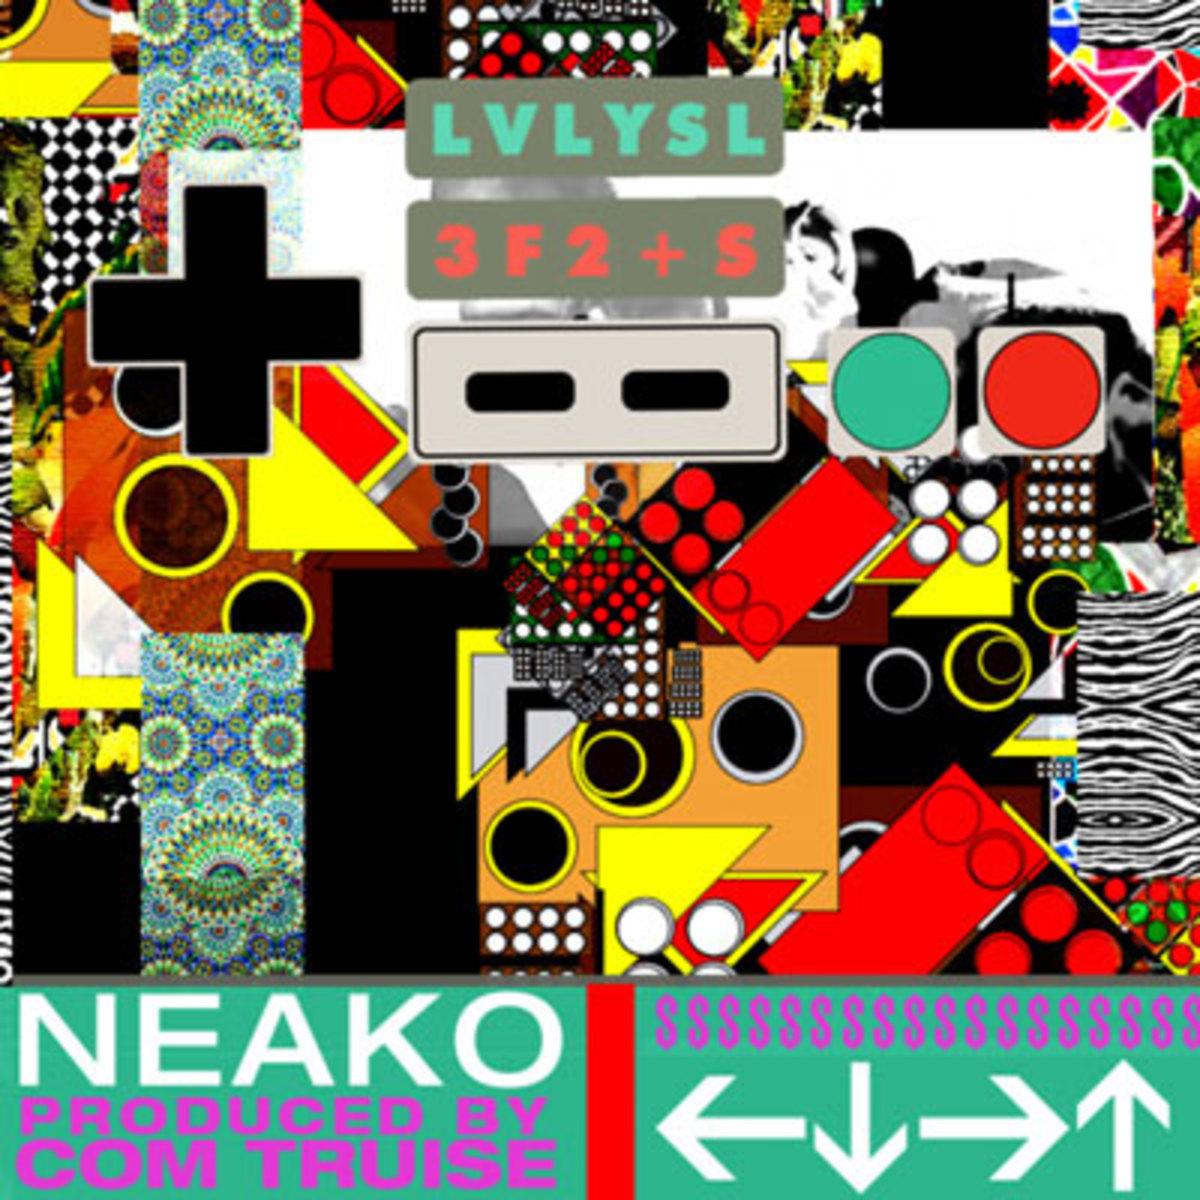 neako-leftdown.jpg